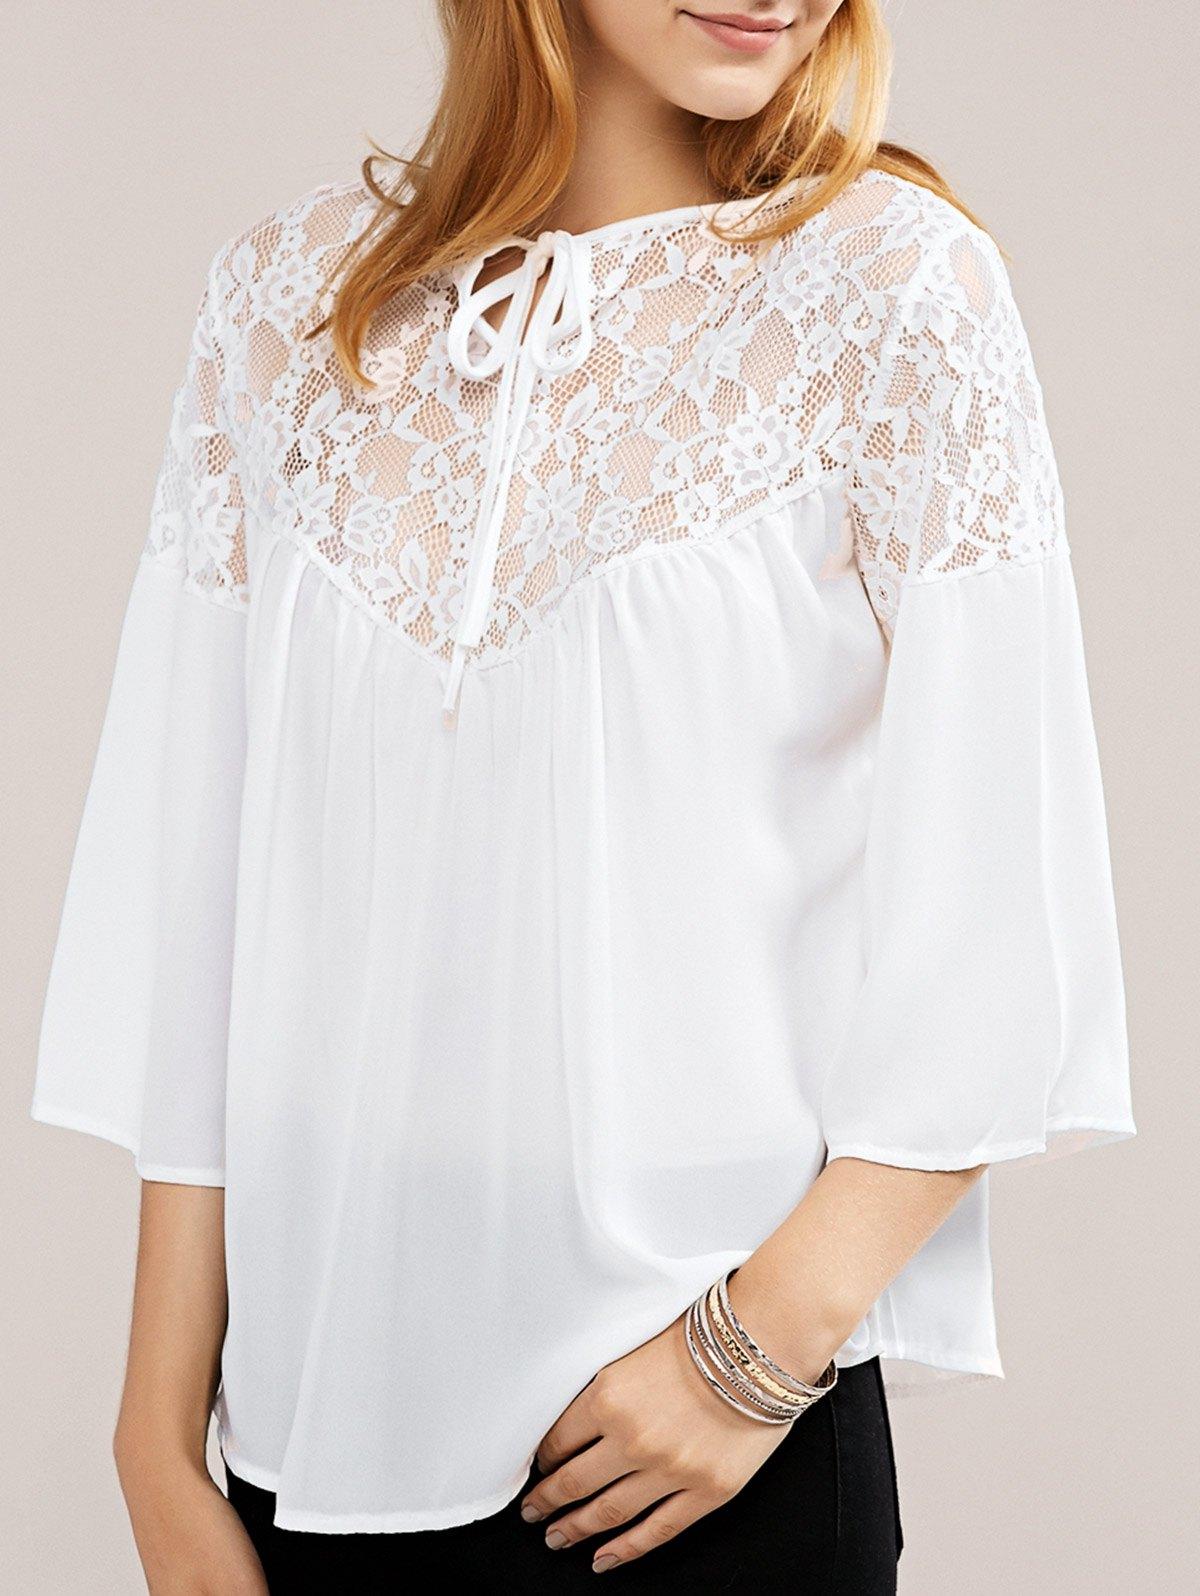 White Lace Chiffon Top